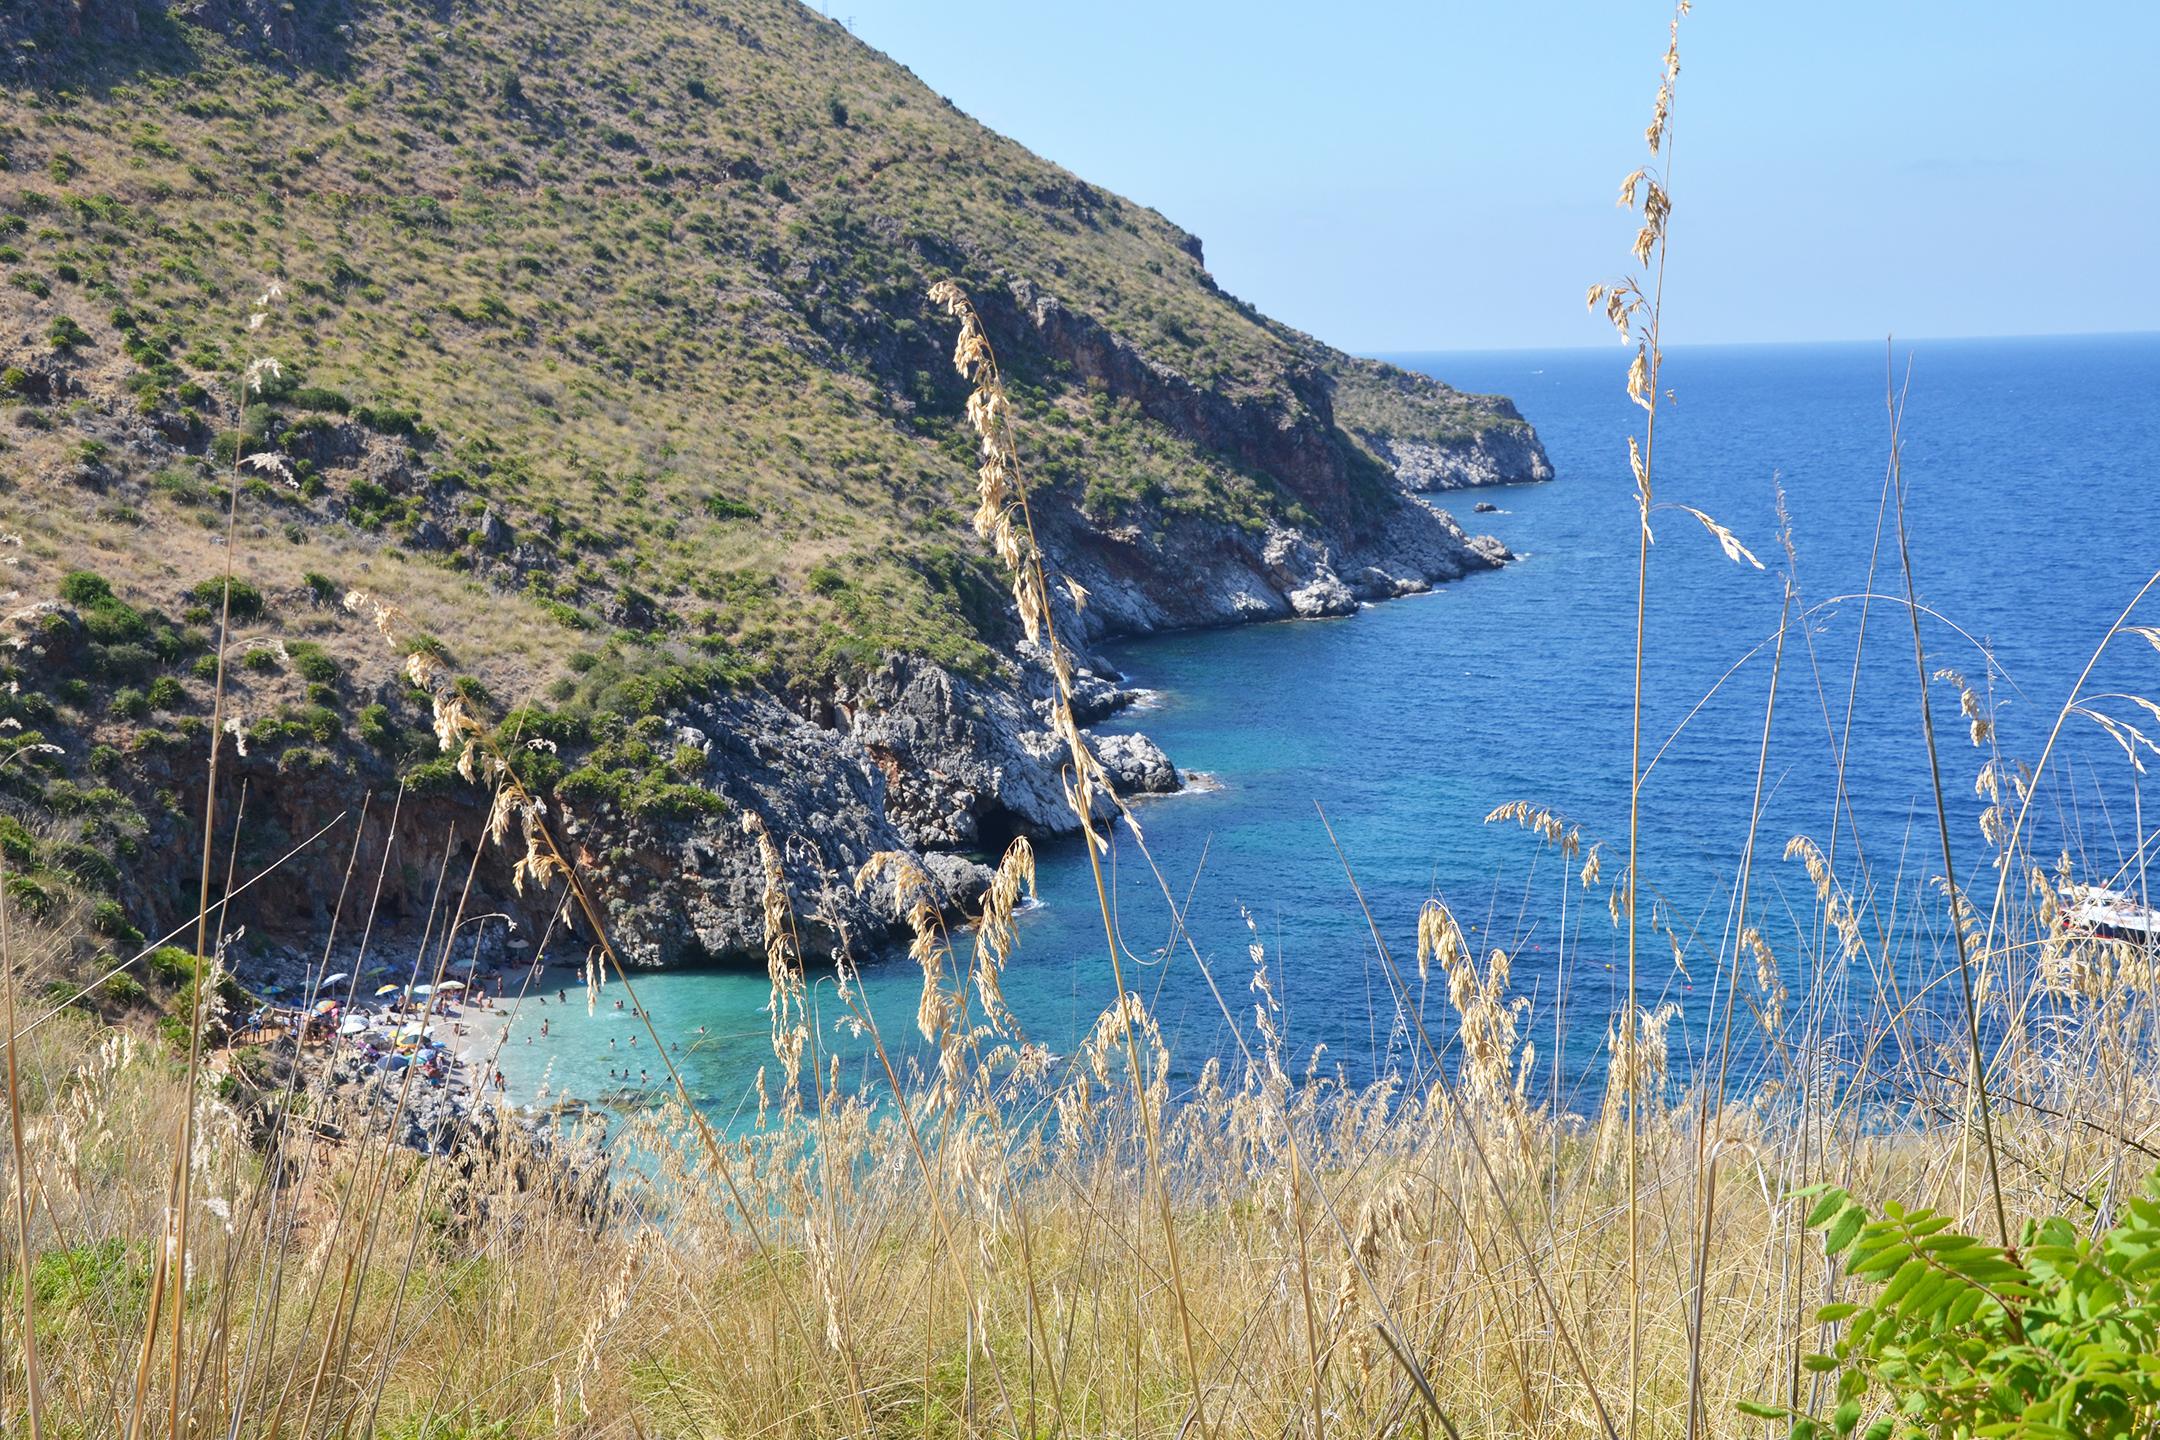 alessia-canella-sicilia-monreale-mare